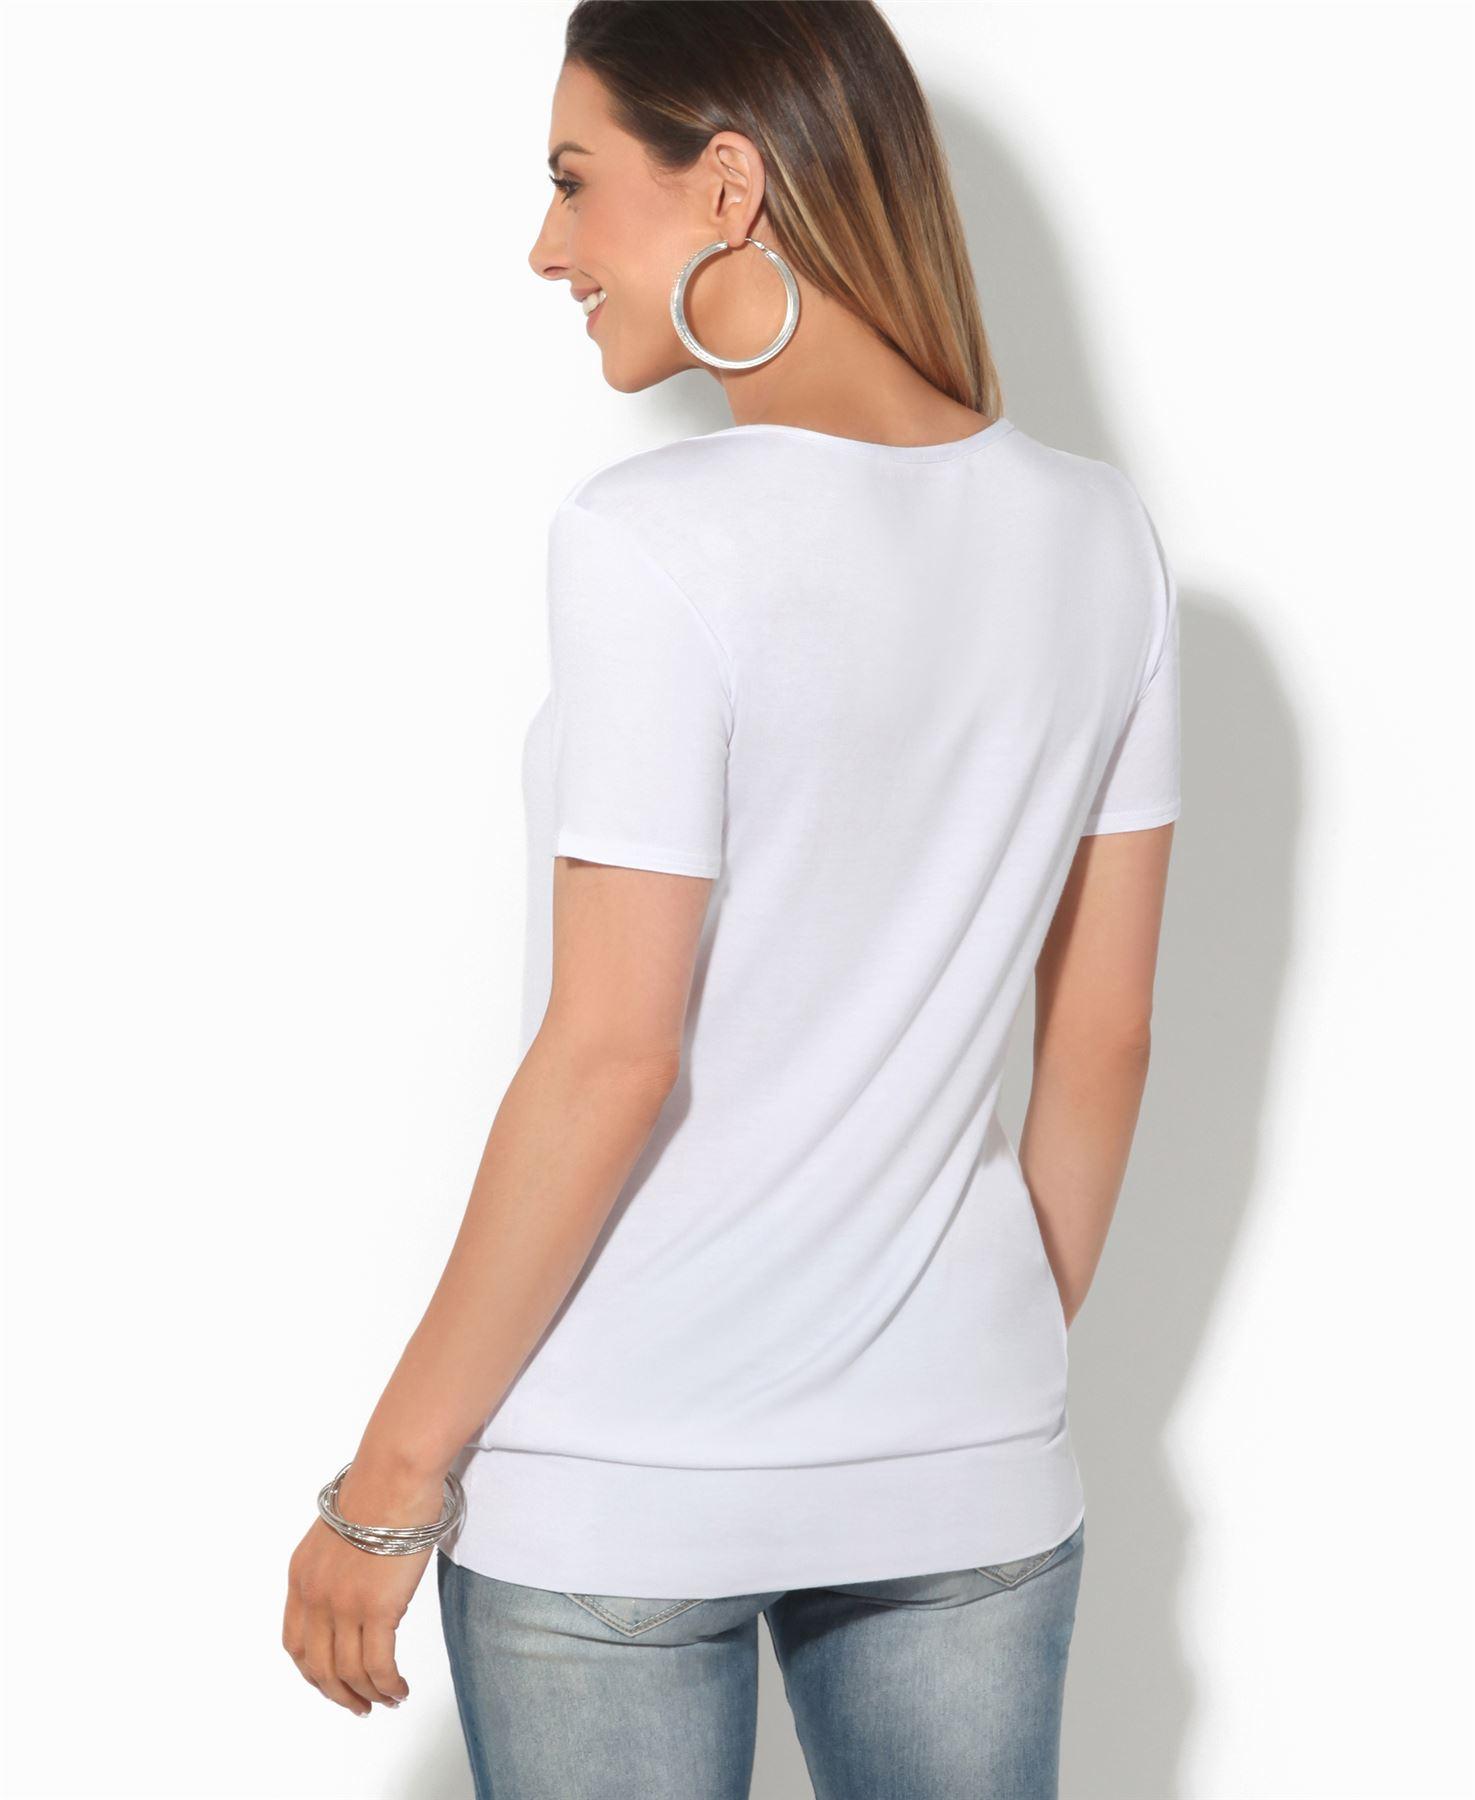 Femmes-Top-Haut-Chemisier-T-Shirt-Chemise-Blouse-Tunique-Long-Grandes-Tailles miniature 3